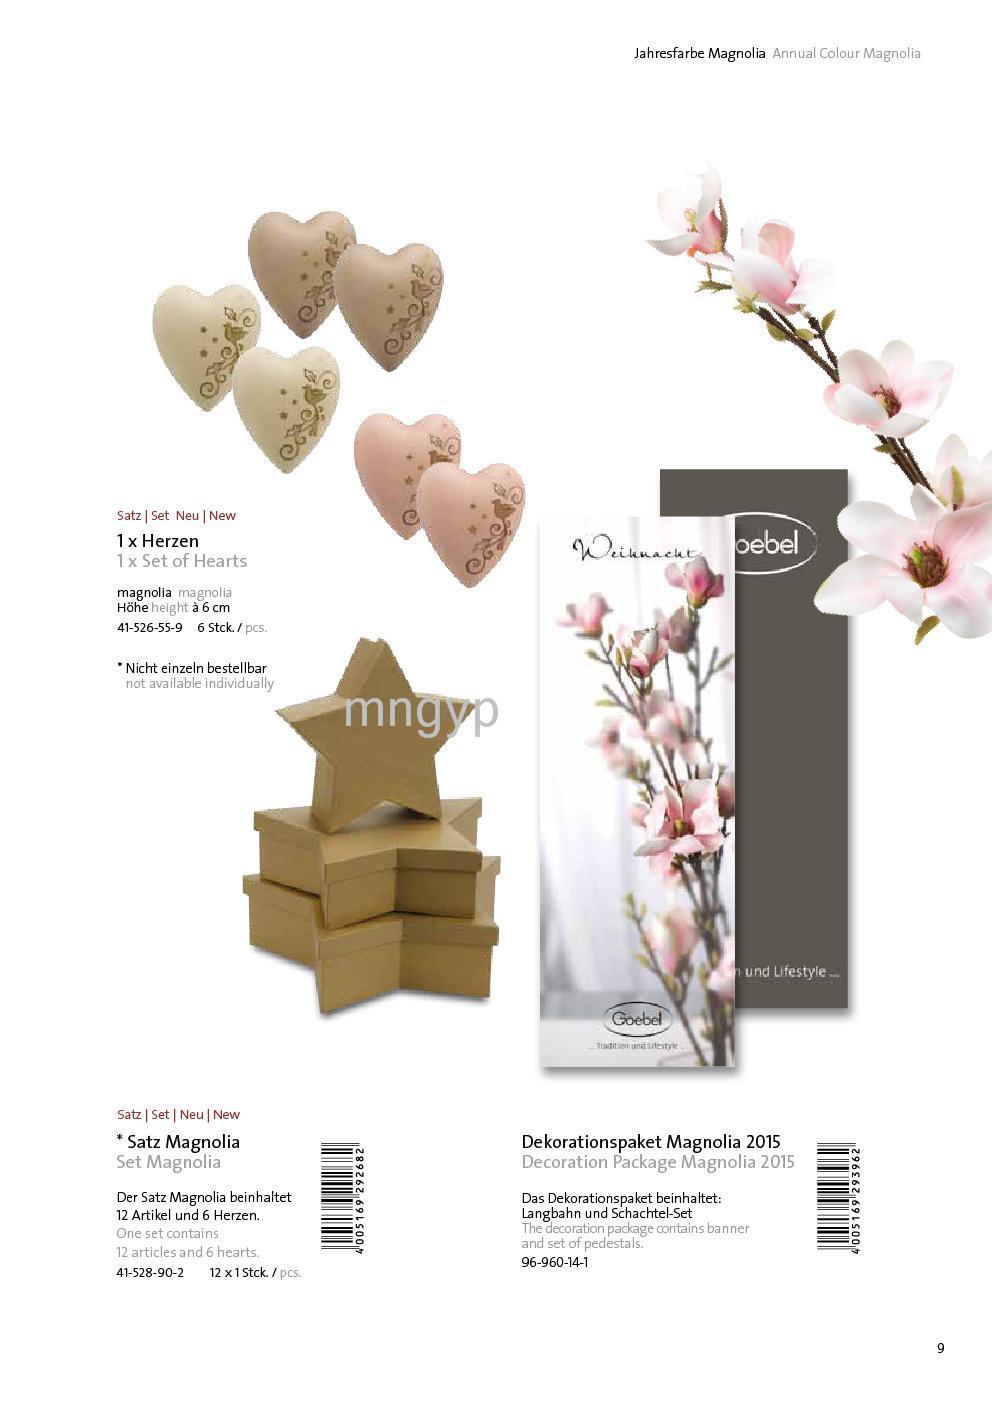 2015工艺陶瓷目录_礼品设计图片